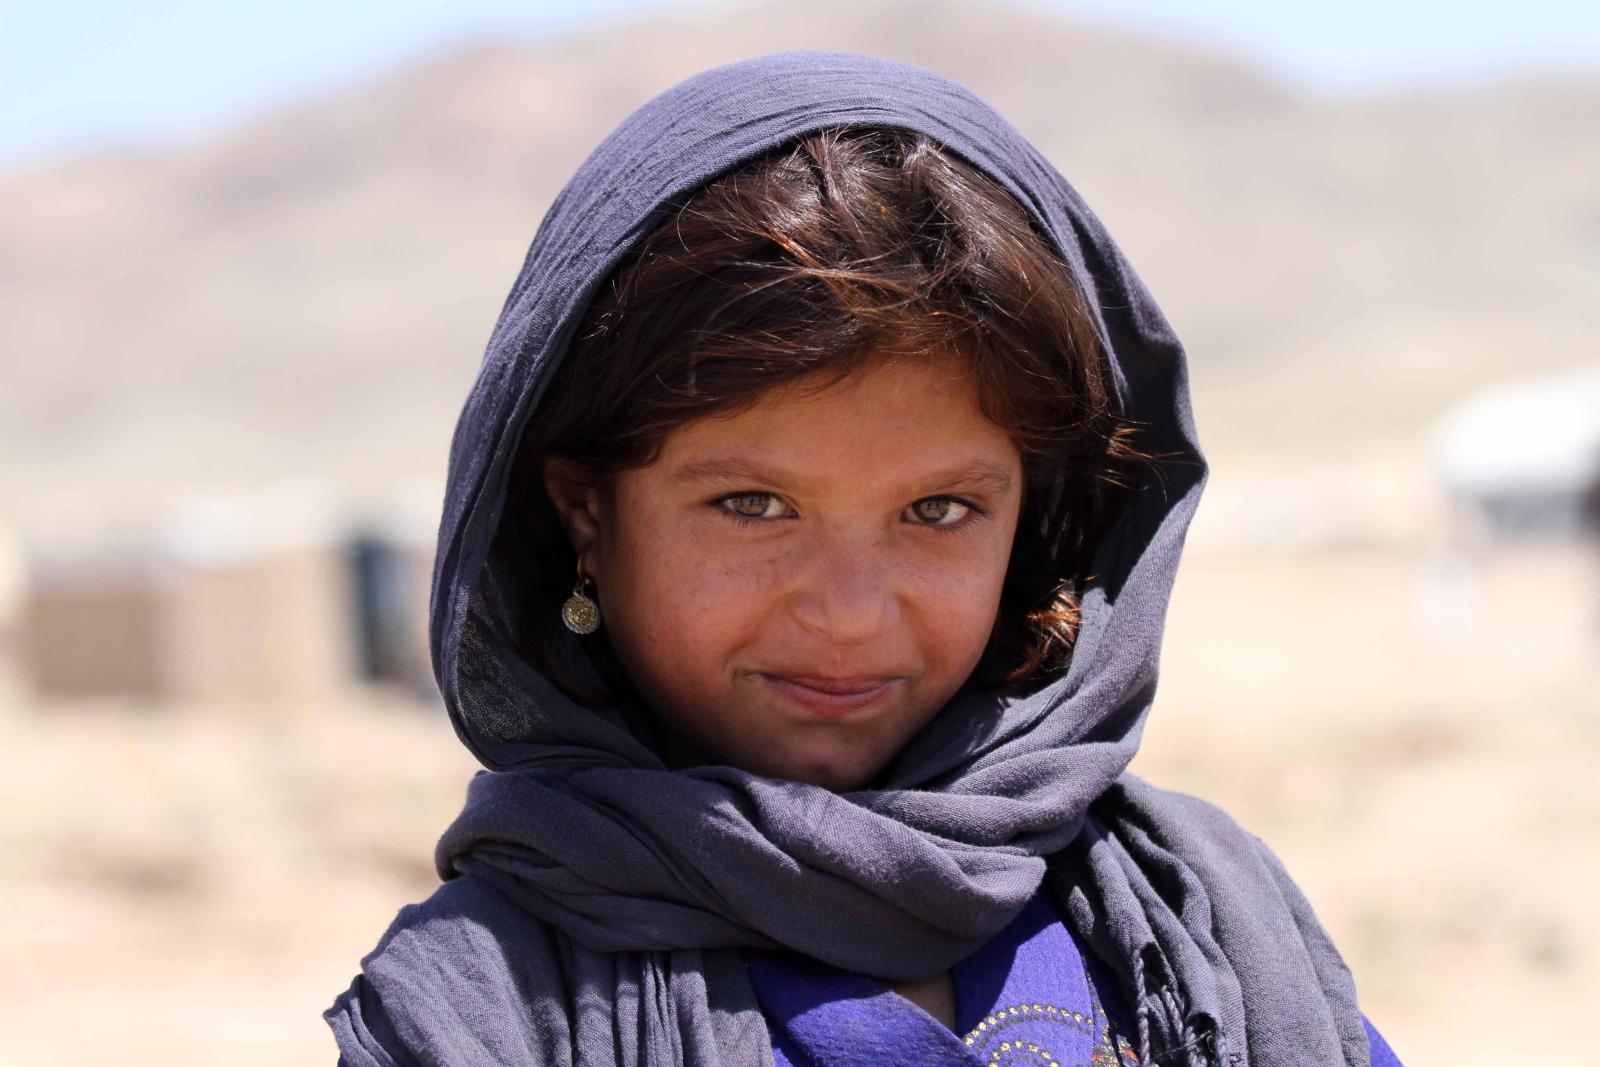 Afgańska dziewczyna, która została wewnętrznie przesiedlona z powodu konfliktu i katastrofy, pozuje do zdjęcia w swoim tymczasowym schronieniu zapewnionym przez Wysokiego Komisarza Narodów Zjednoczonych ds. Uchodźców (UNHCR) na obrzeżach Herat, Afganistan. Fot.  EPA/JALIL REZAYEE